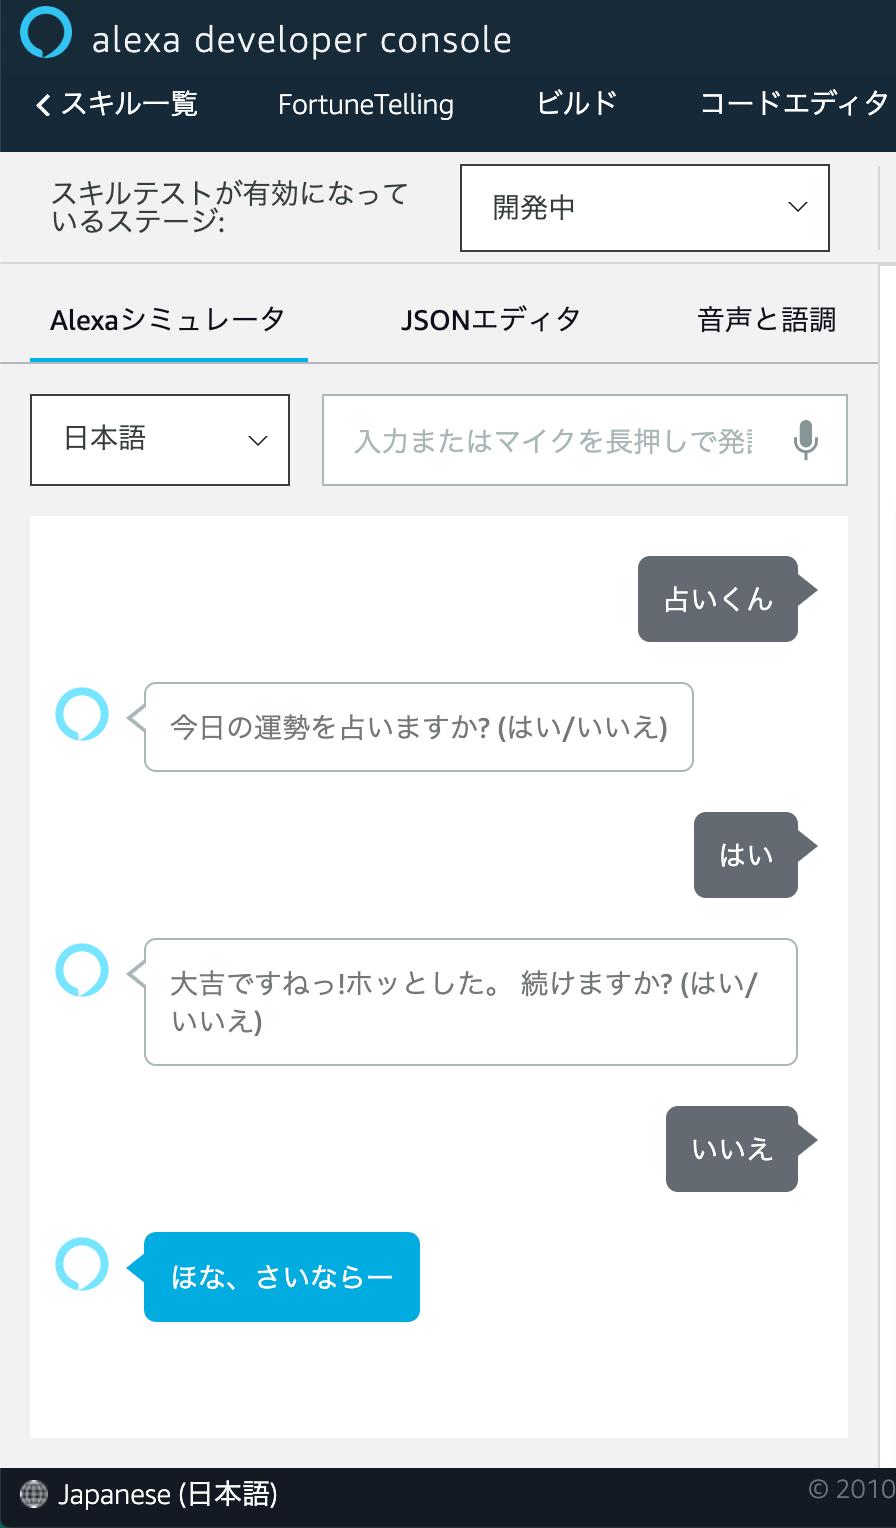 スクリーンショット 2019-09-09 21.08.01.png